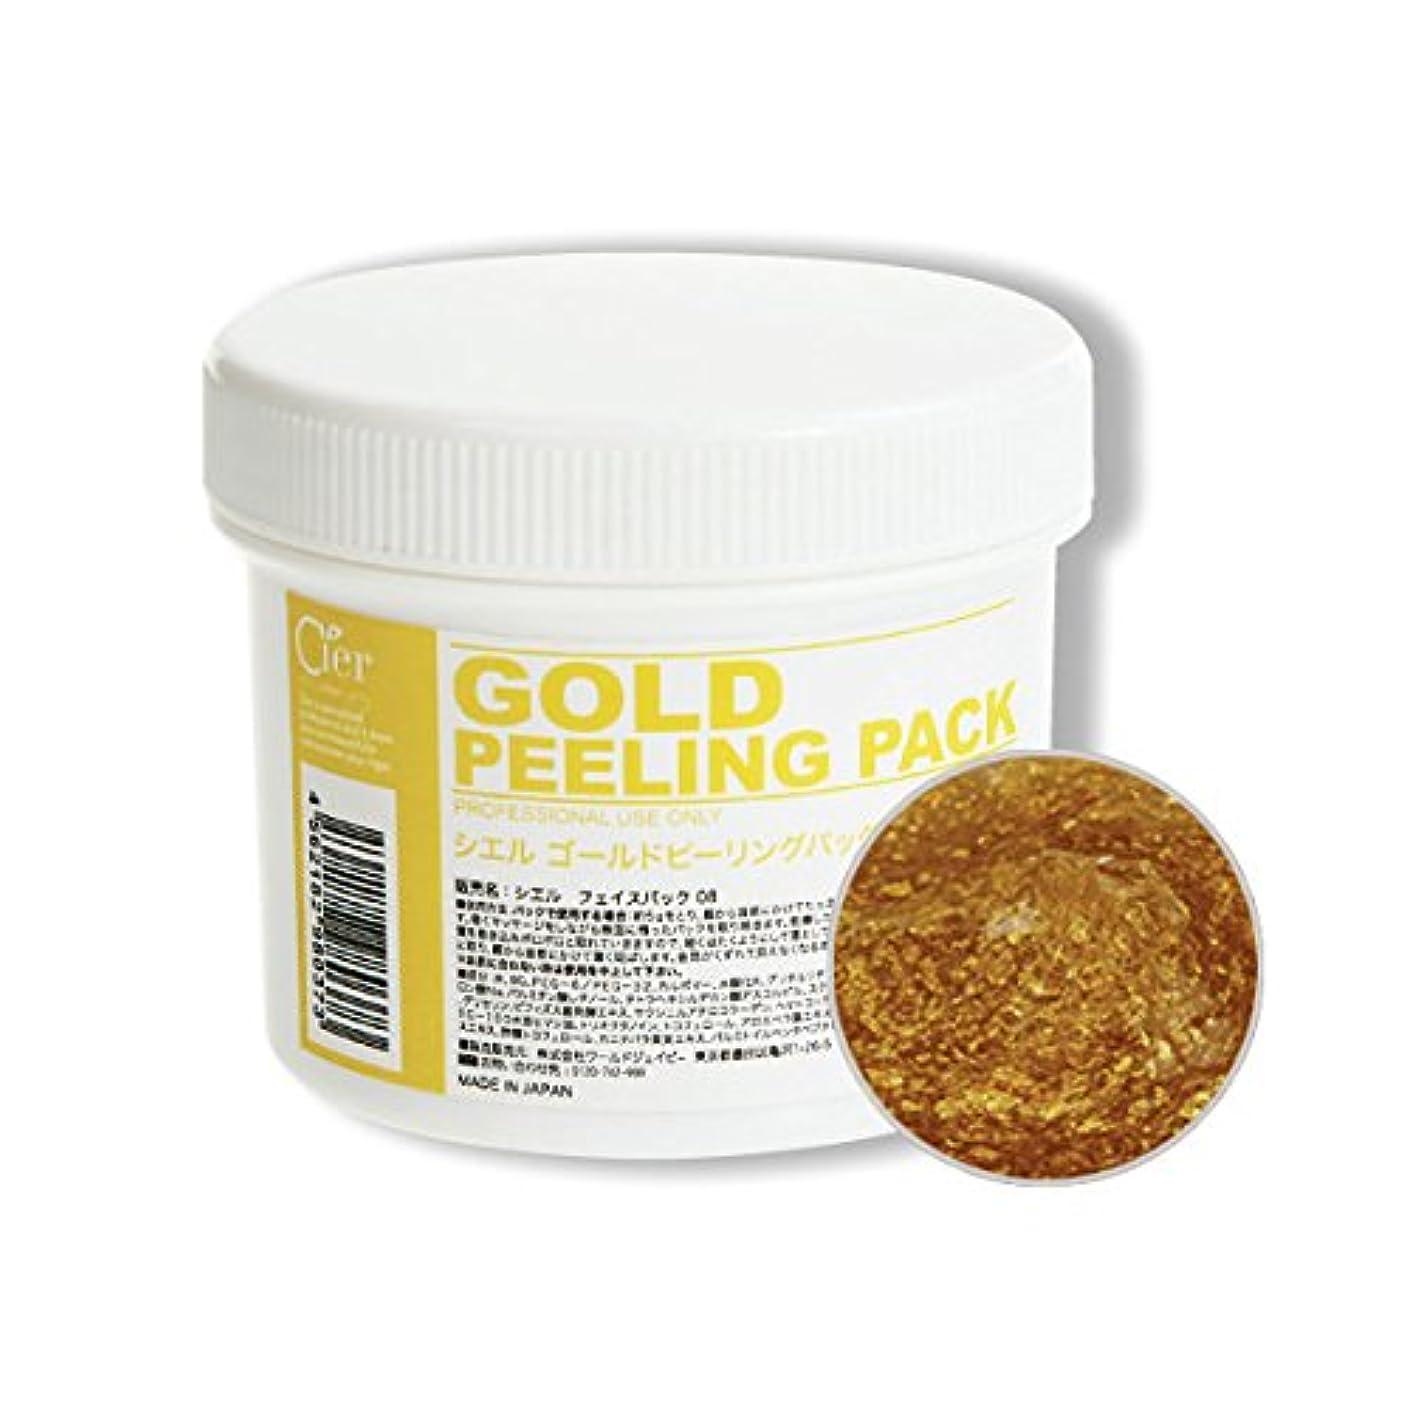 洗うカンガルー採用するシエル ゴールドピーリングパック フェイスパック 300g 顔パック 業務用